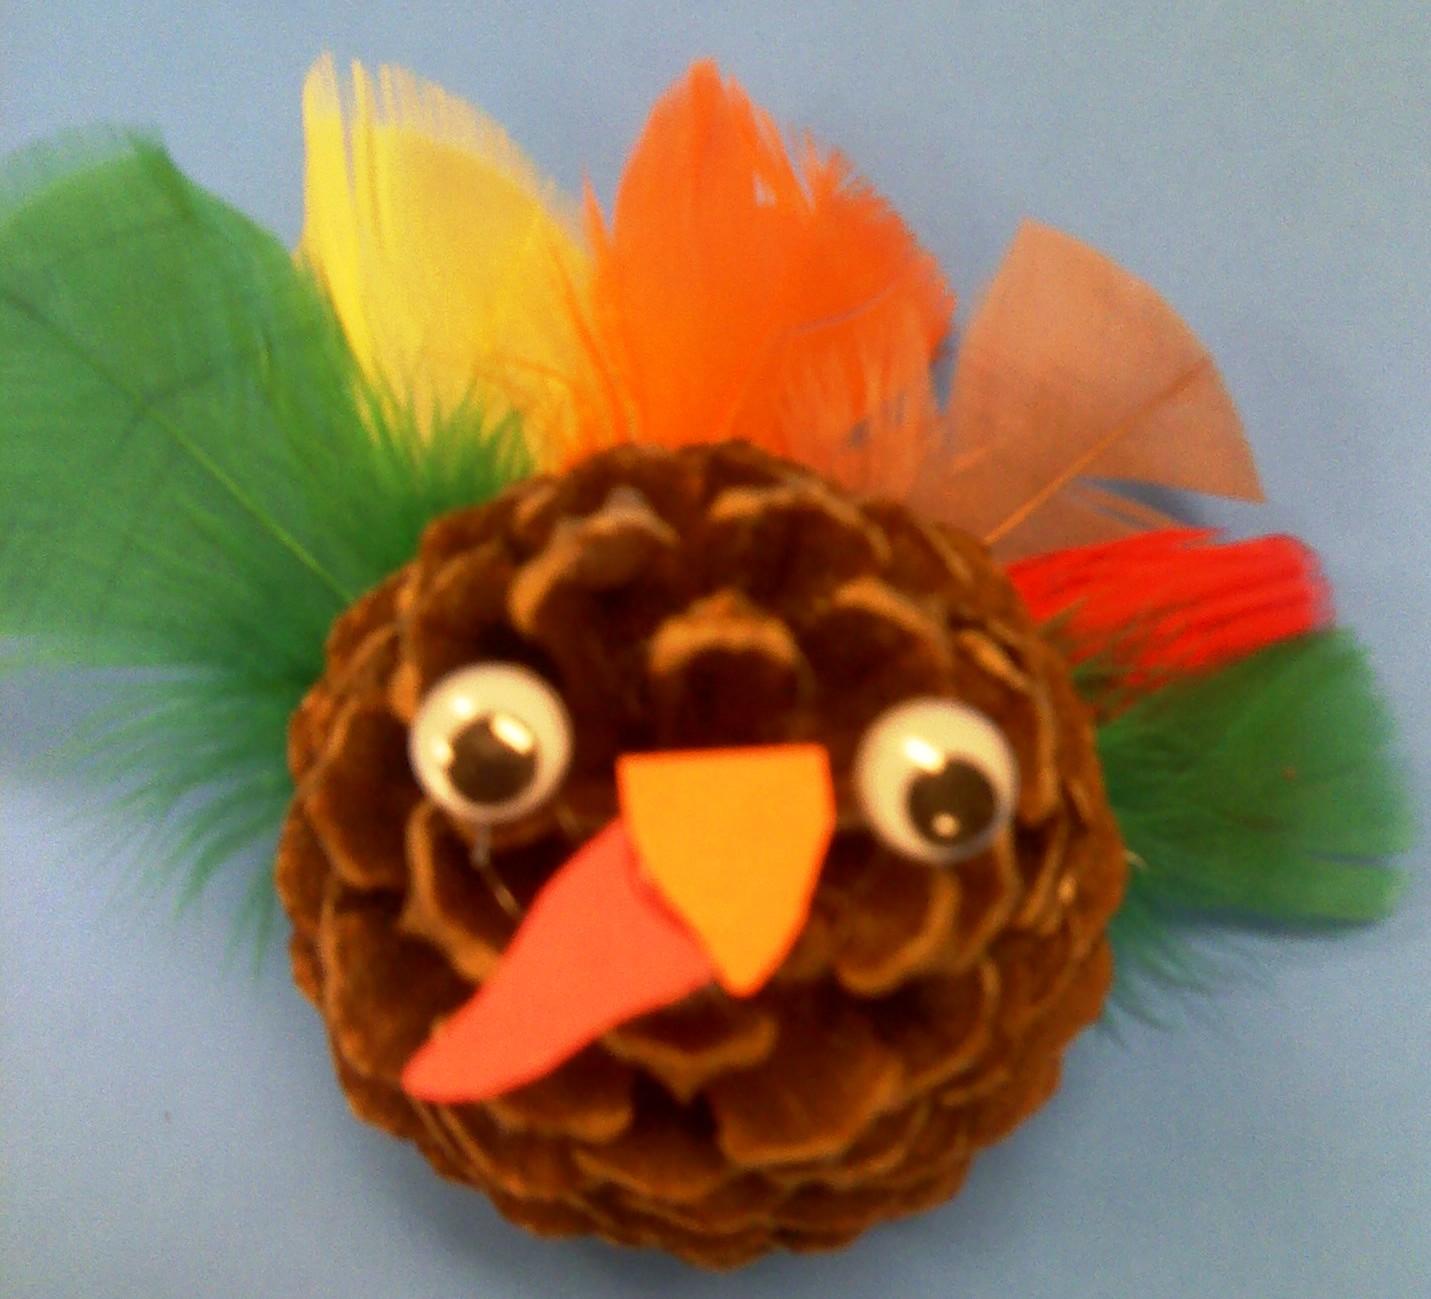 Preschool crafts for kids thanksgiving pine coneturkey craft for Pre k turkey crafts